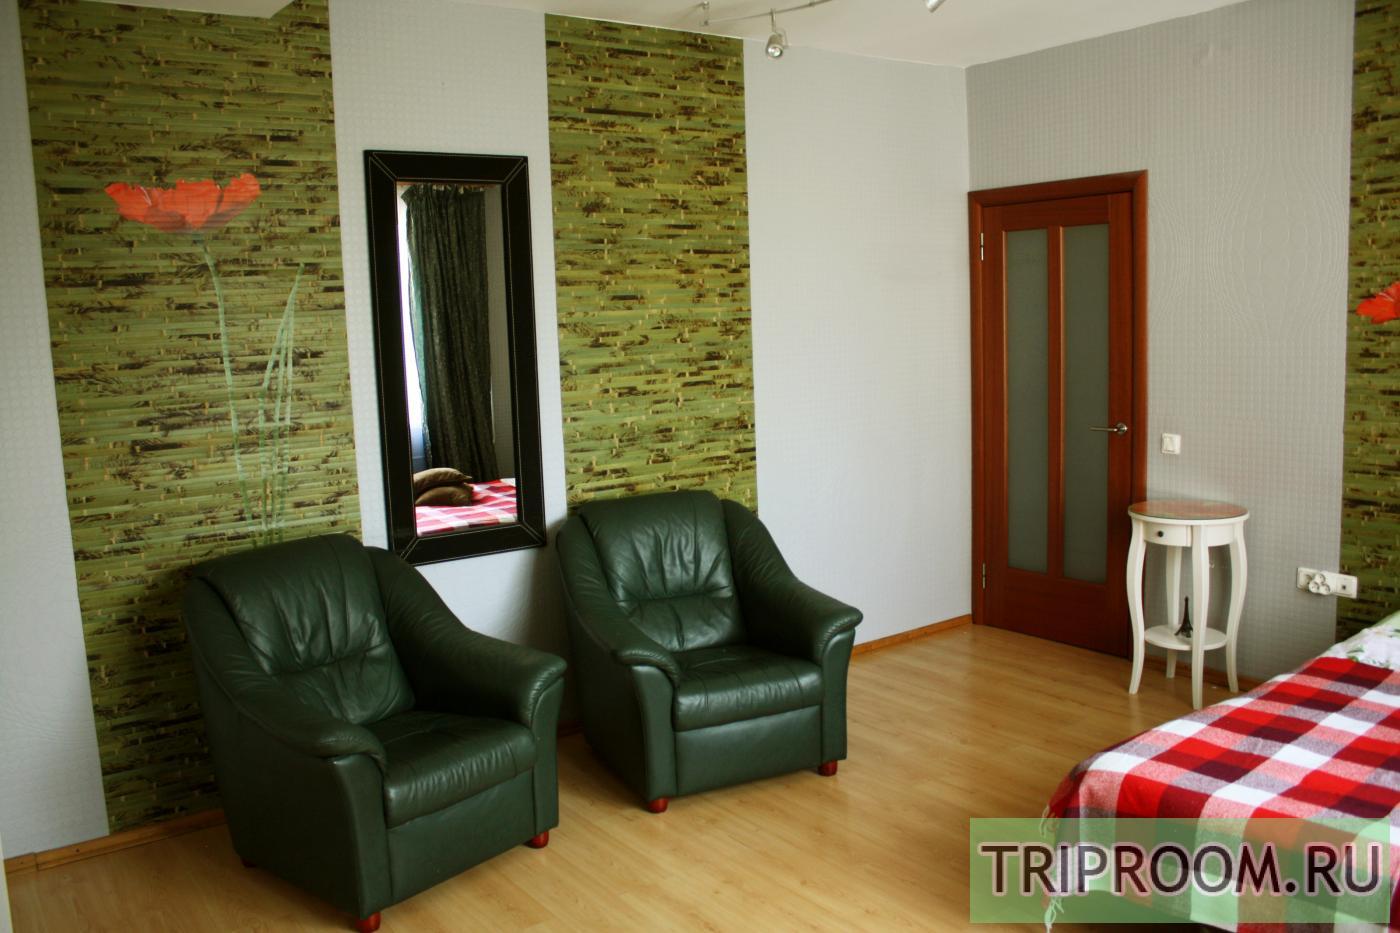 2-комнатная квартира посуточно (вариант № 16268), ул. Лесной проспект, фото № 6